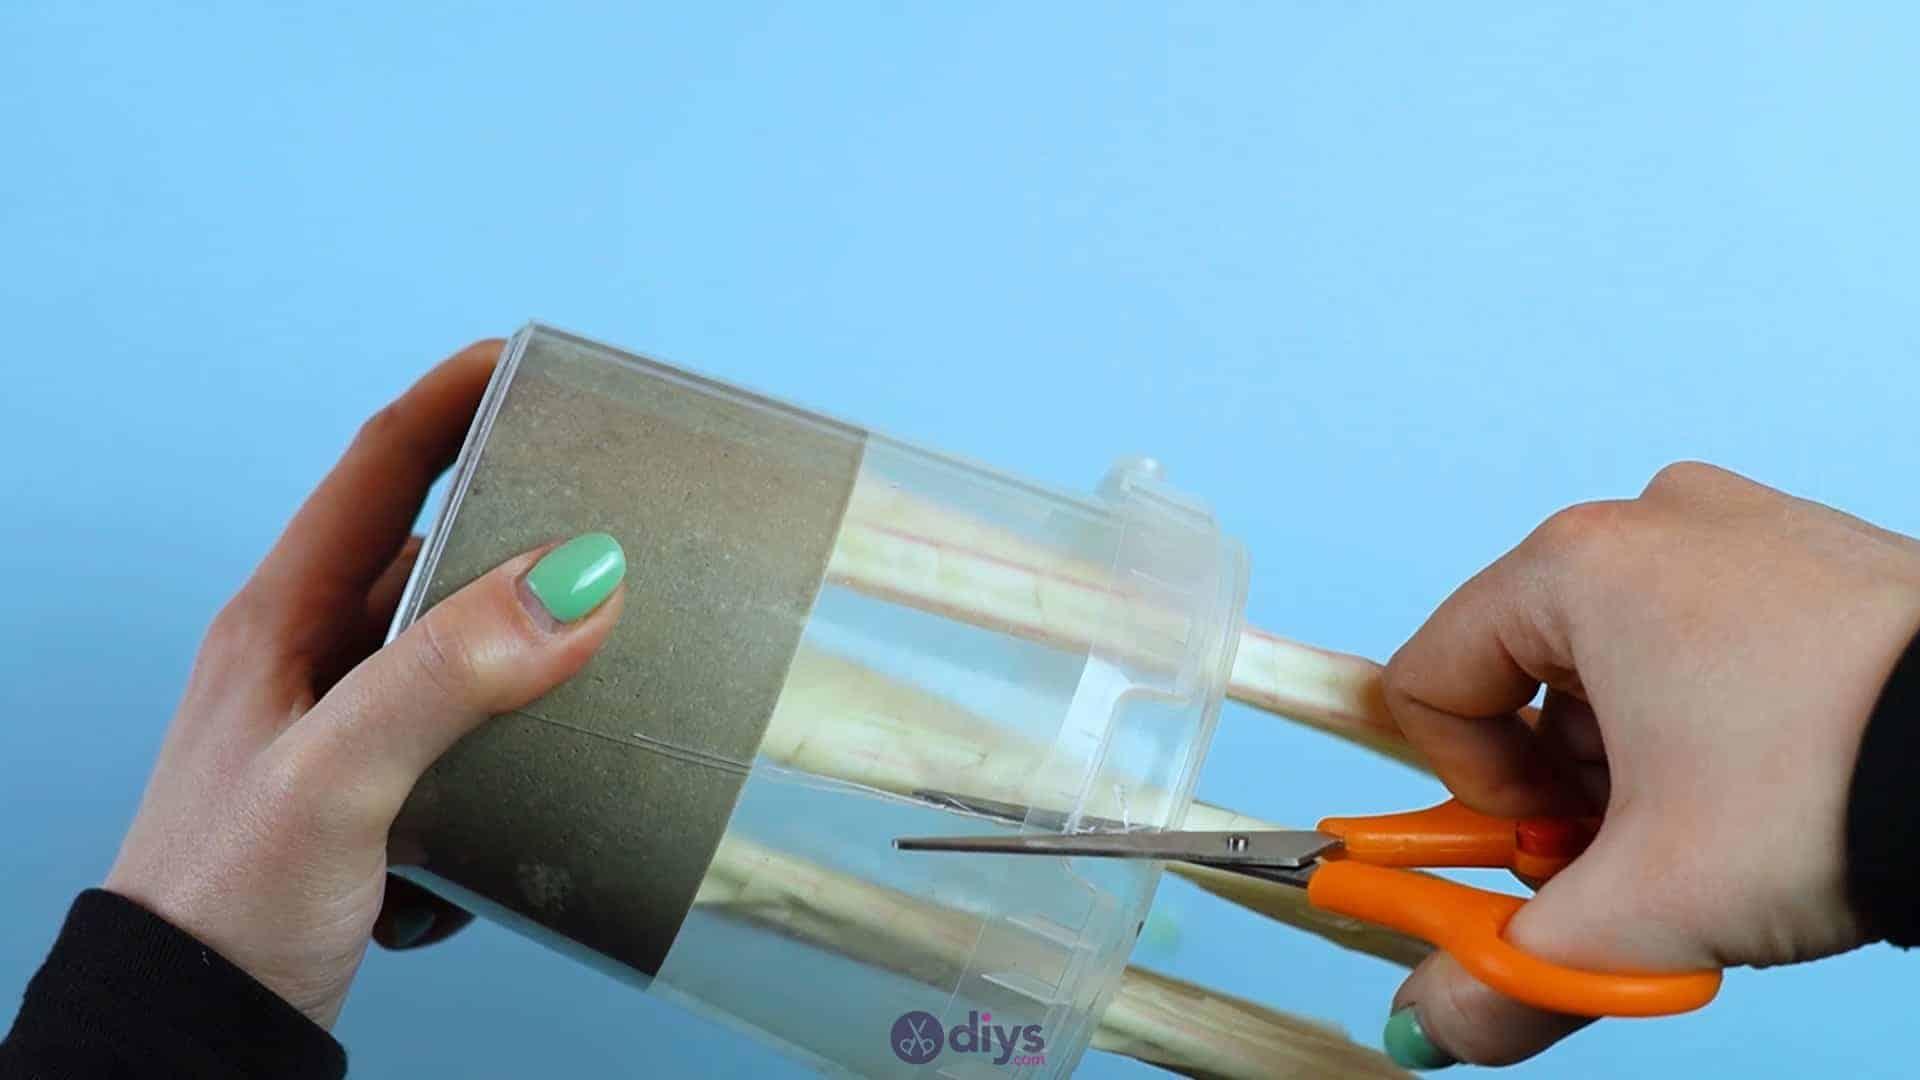 Diy concrete pencil holder step 6a